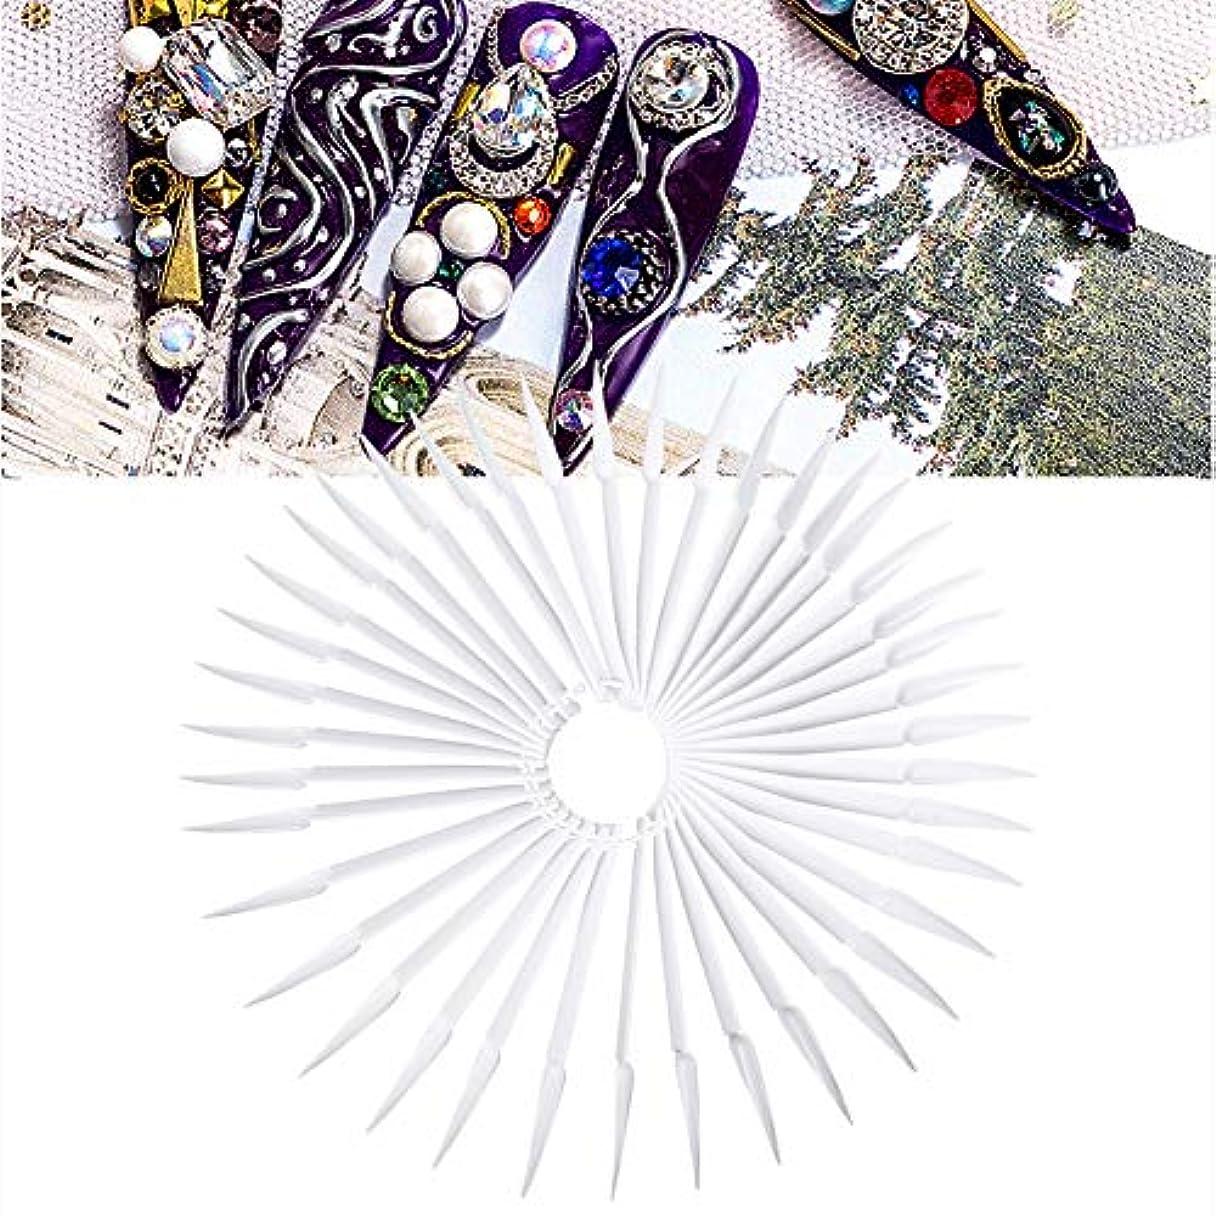 集団的トレイ反動40色 マニキュア ポーランドゲル カラー ディスプレイ 練習ツール(ホワイト)